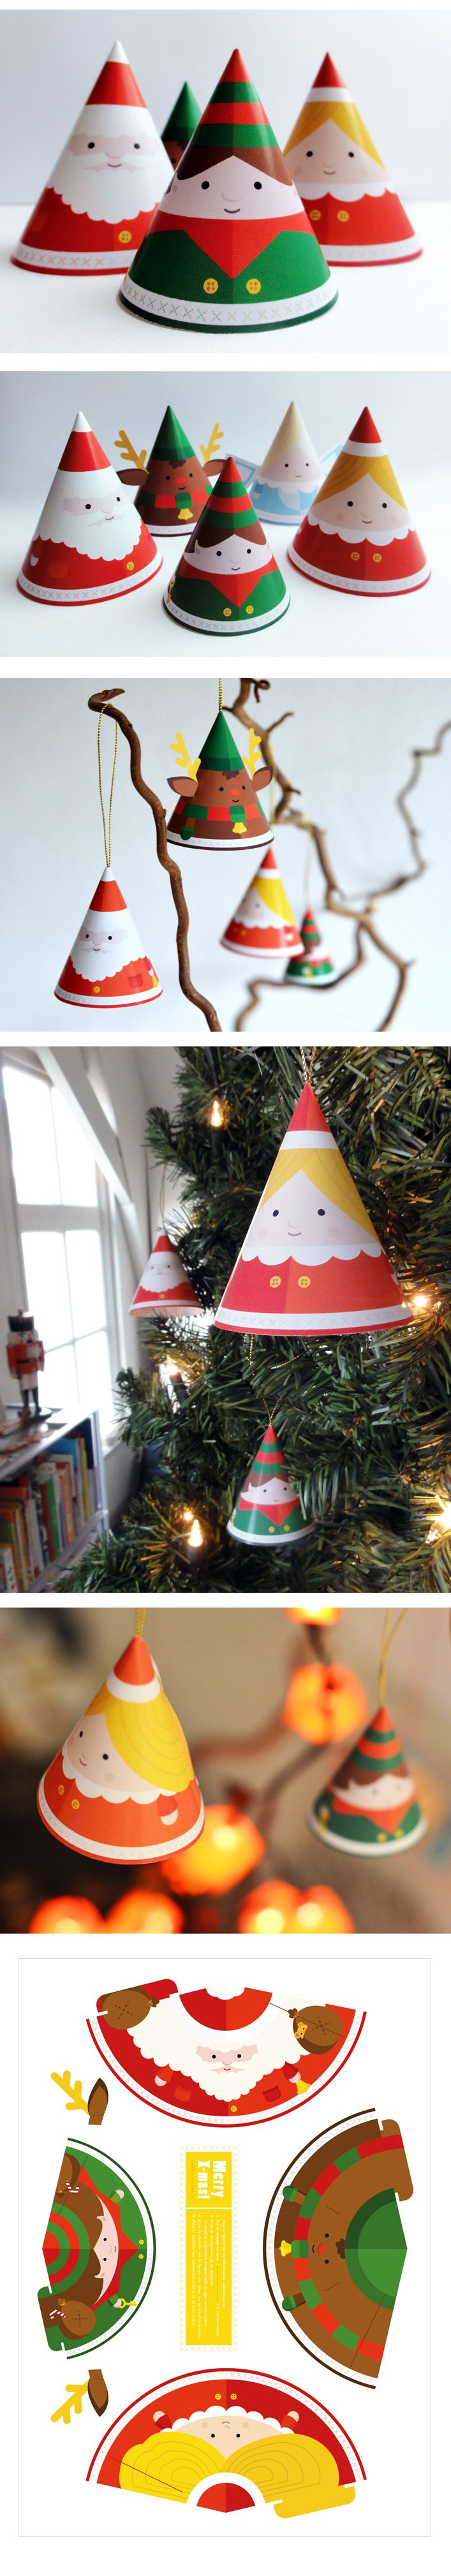 FREE printable Christmas ornaments